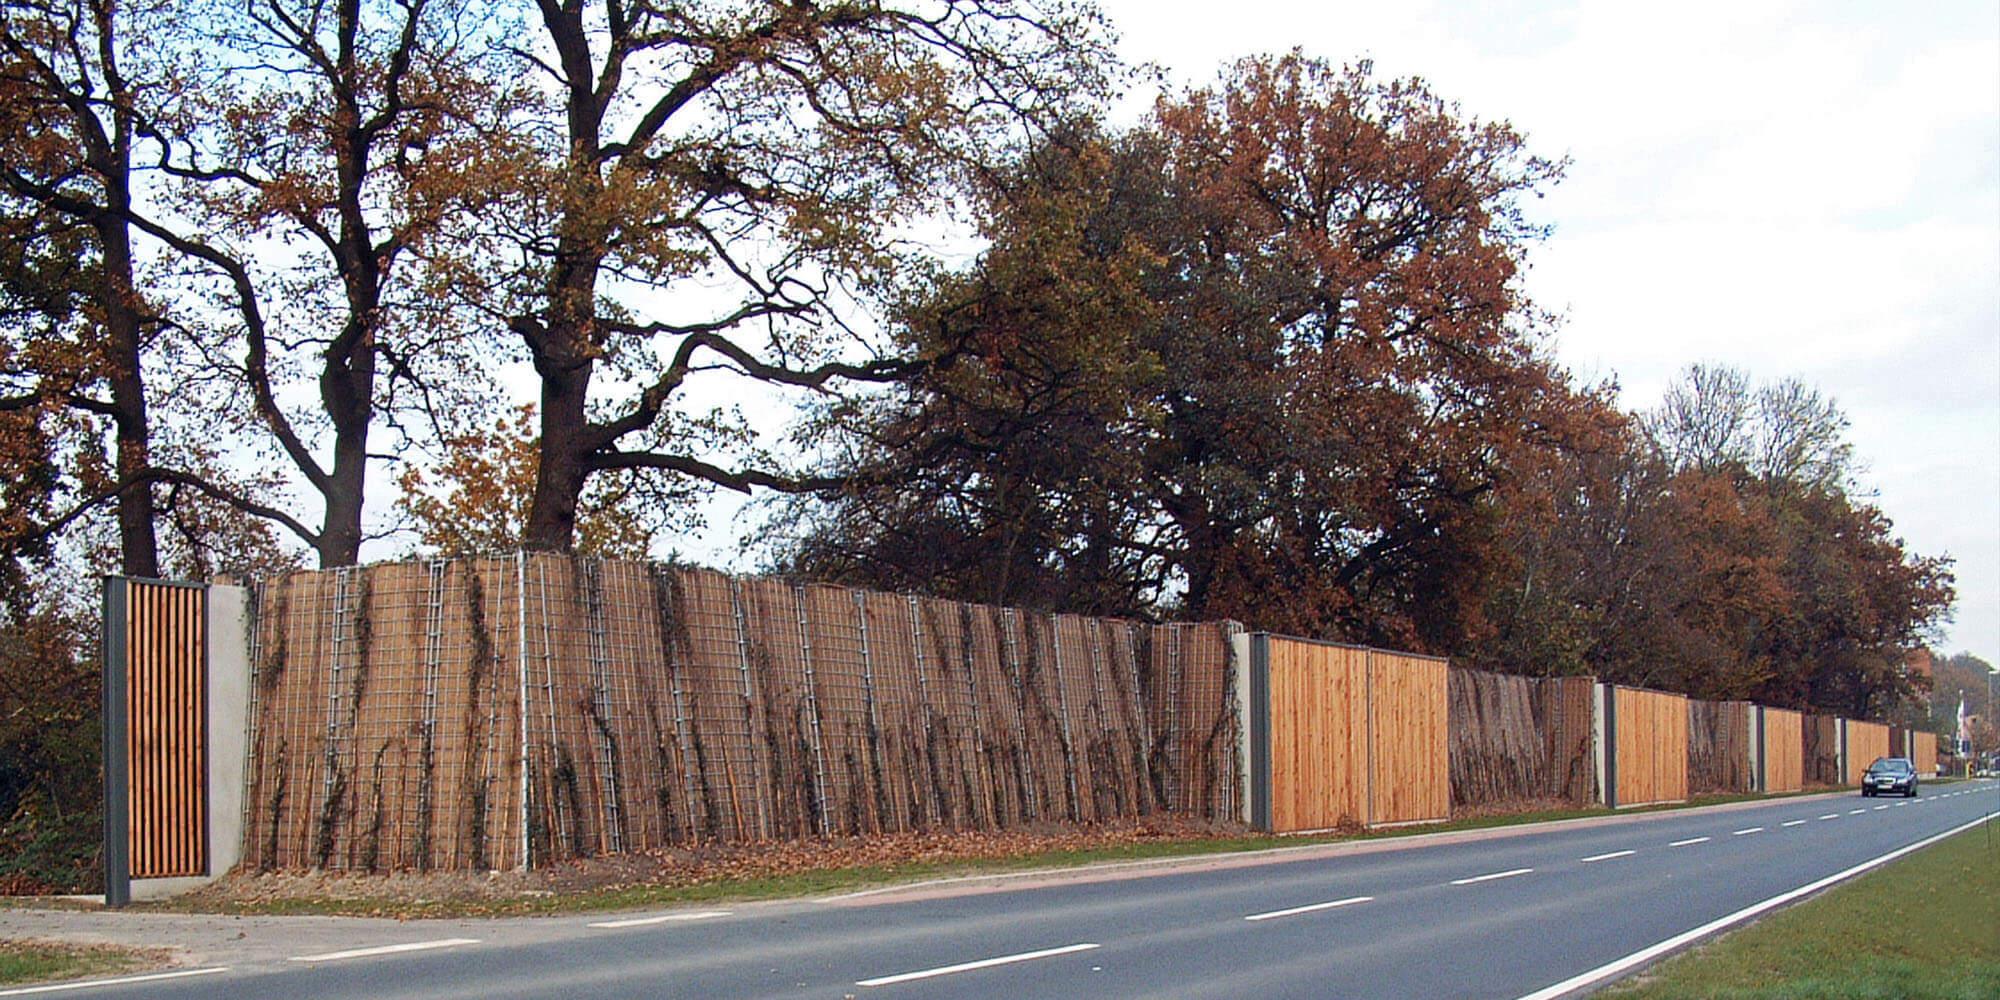 Begrünte Lärmschutzwand mit Holzelementen